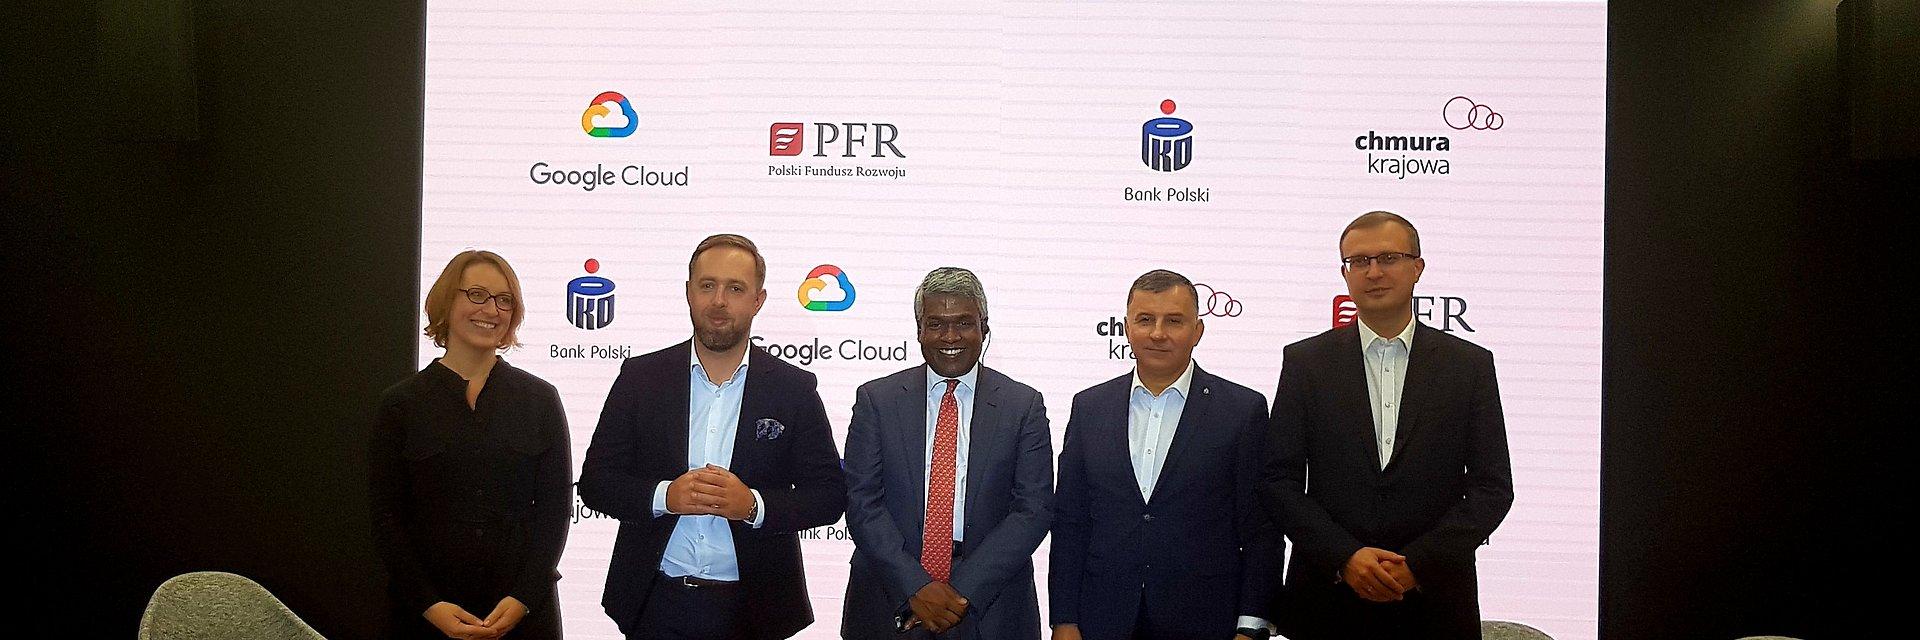 Strategiczne partnerstwo Operatora Chmury Krajowej i Google dla cyfryzacji polskiej gospodarki